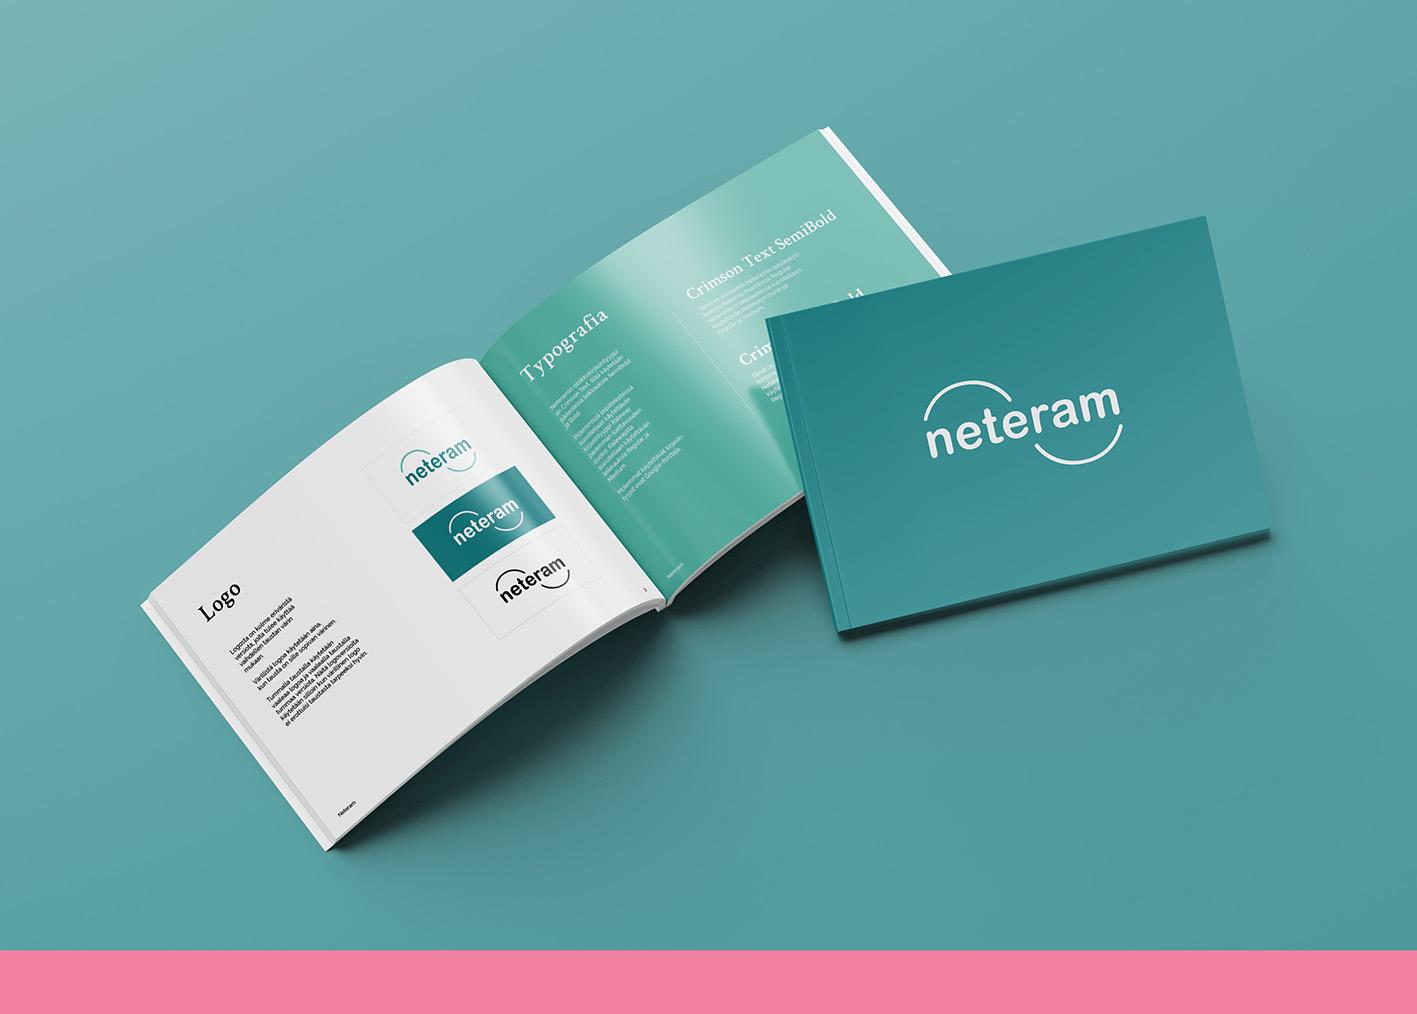 Neteram - graafinen ohjeisto